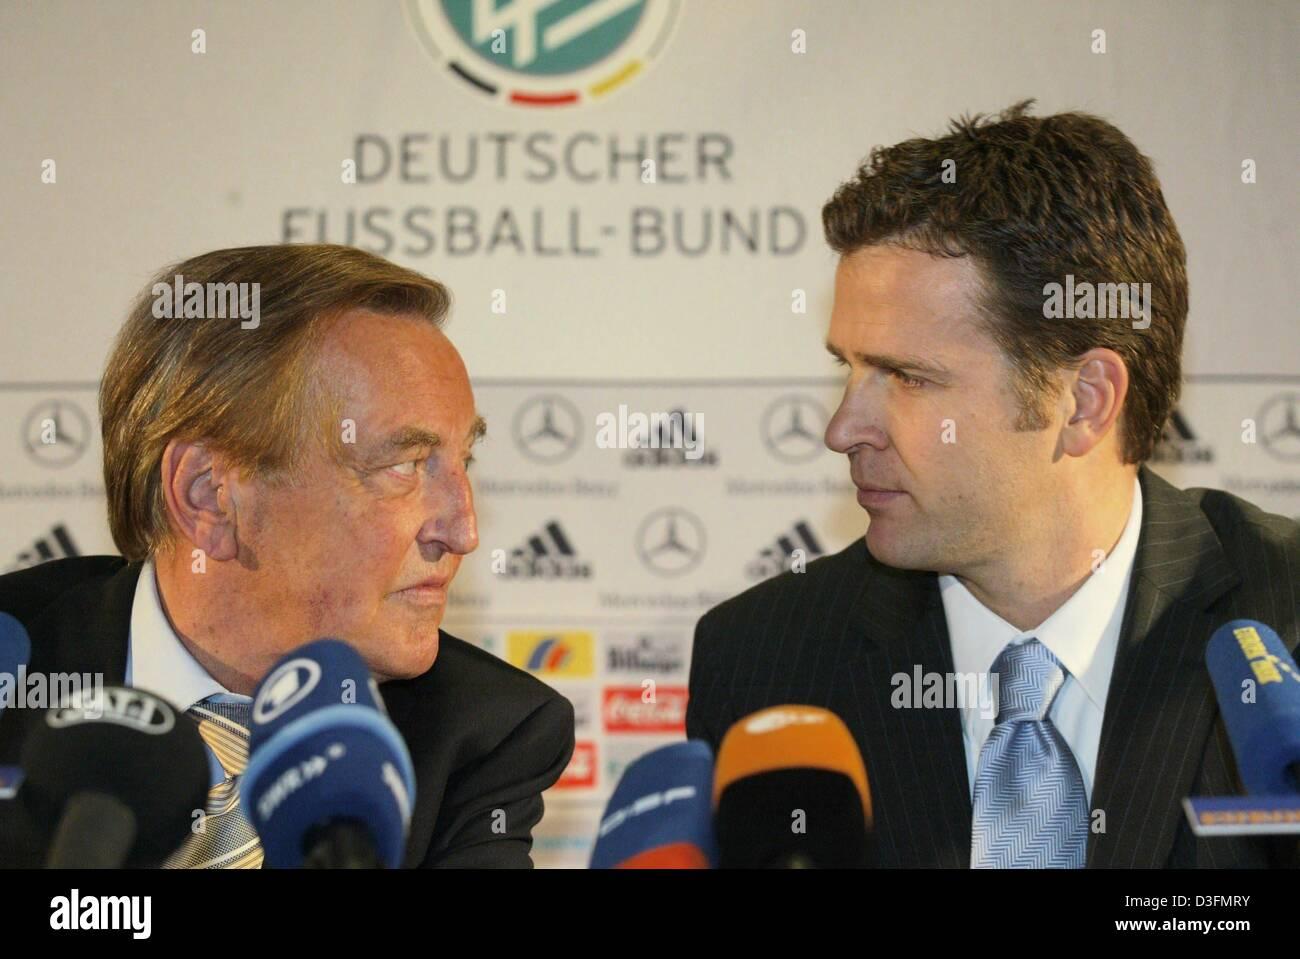 (Dpa) - Gerhard Mayer-Vorfelder (L), Vorsitzender des deutschen Fußball-Bund DFB und Oliver Bierhoff, Teammanager, Stockfoto